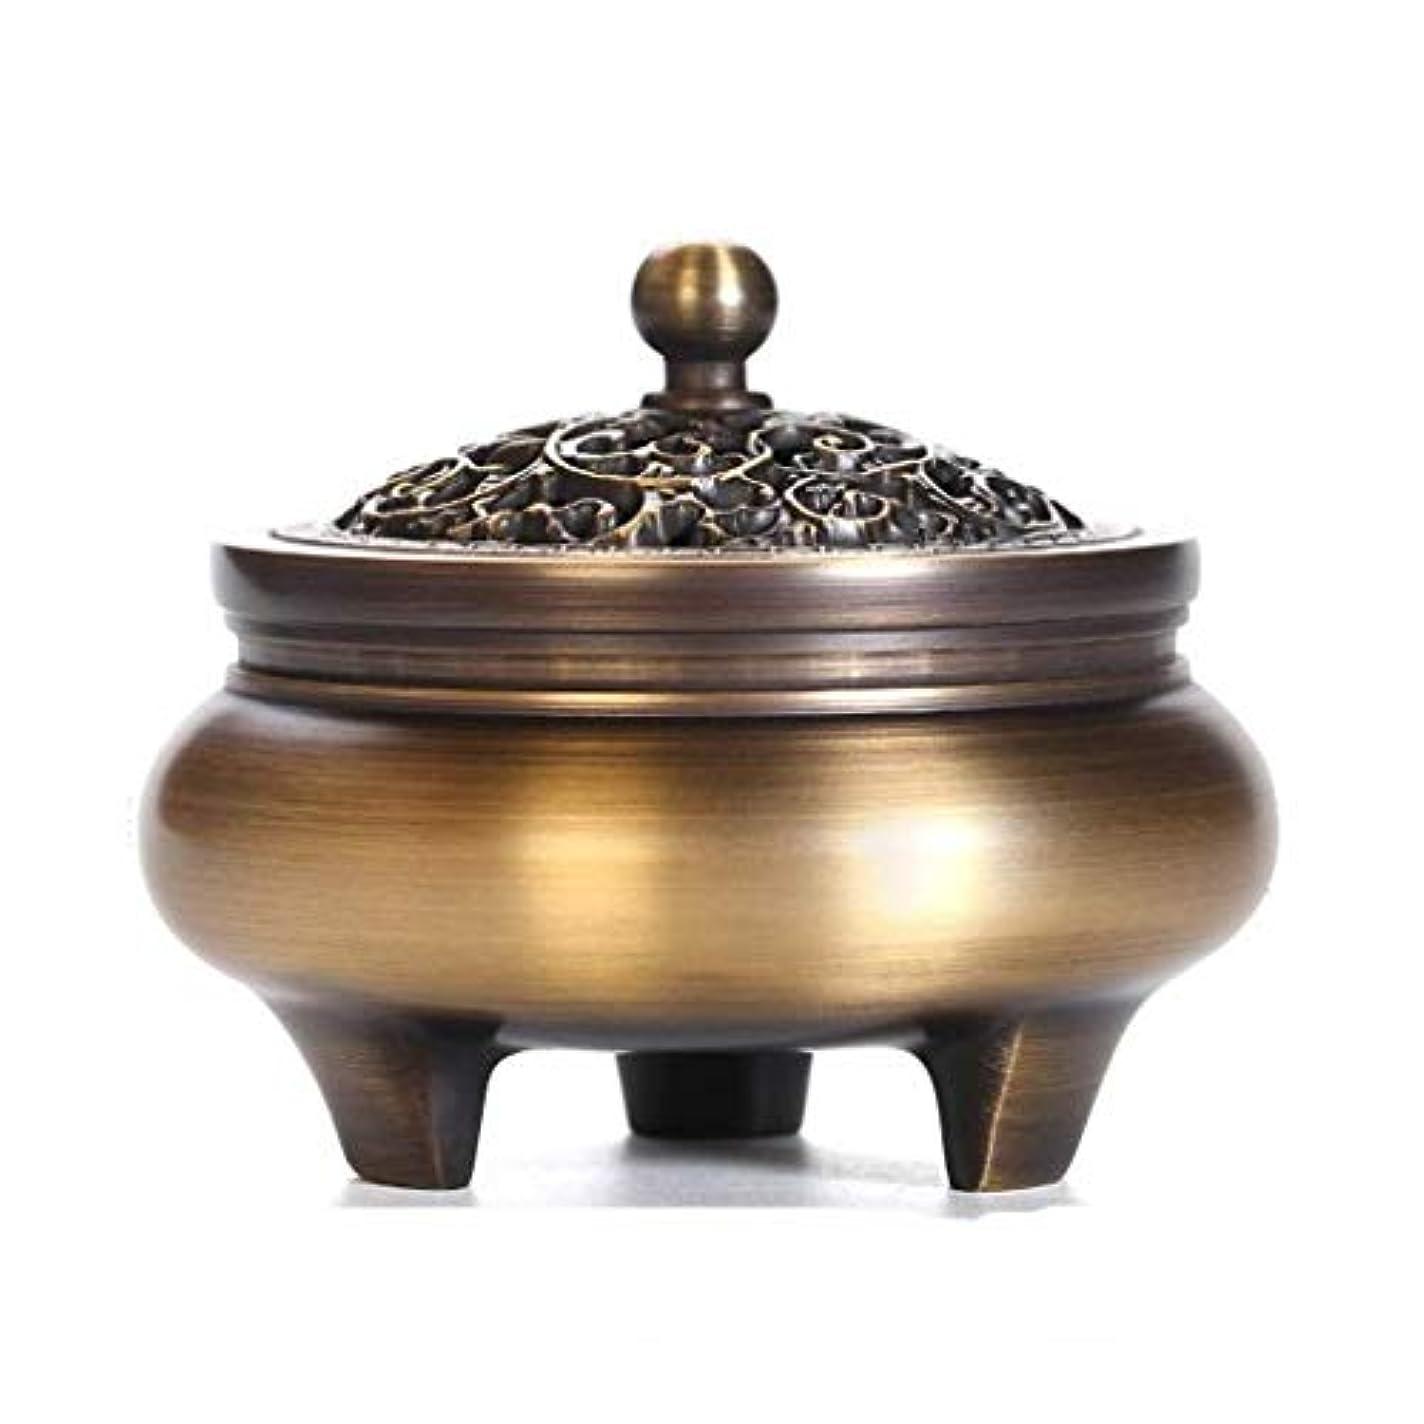 言及するしなやか世紀芳香器?アロマバーナー 純粋な銅三脚家庭用香炉プロセス香バーナーホーム屋内アロマセラピー炉の装飾 芳香器?アロマバーナー (Color : Brass)